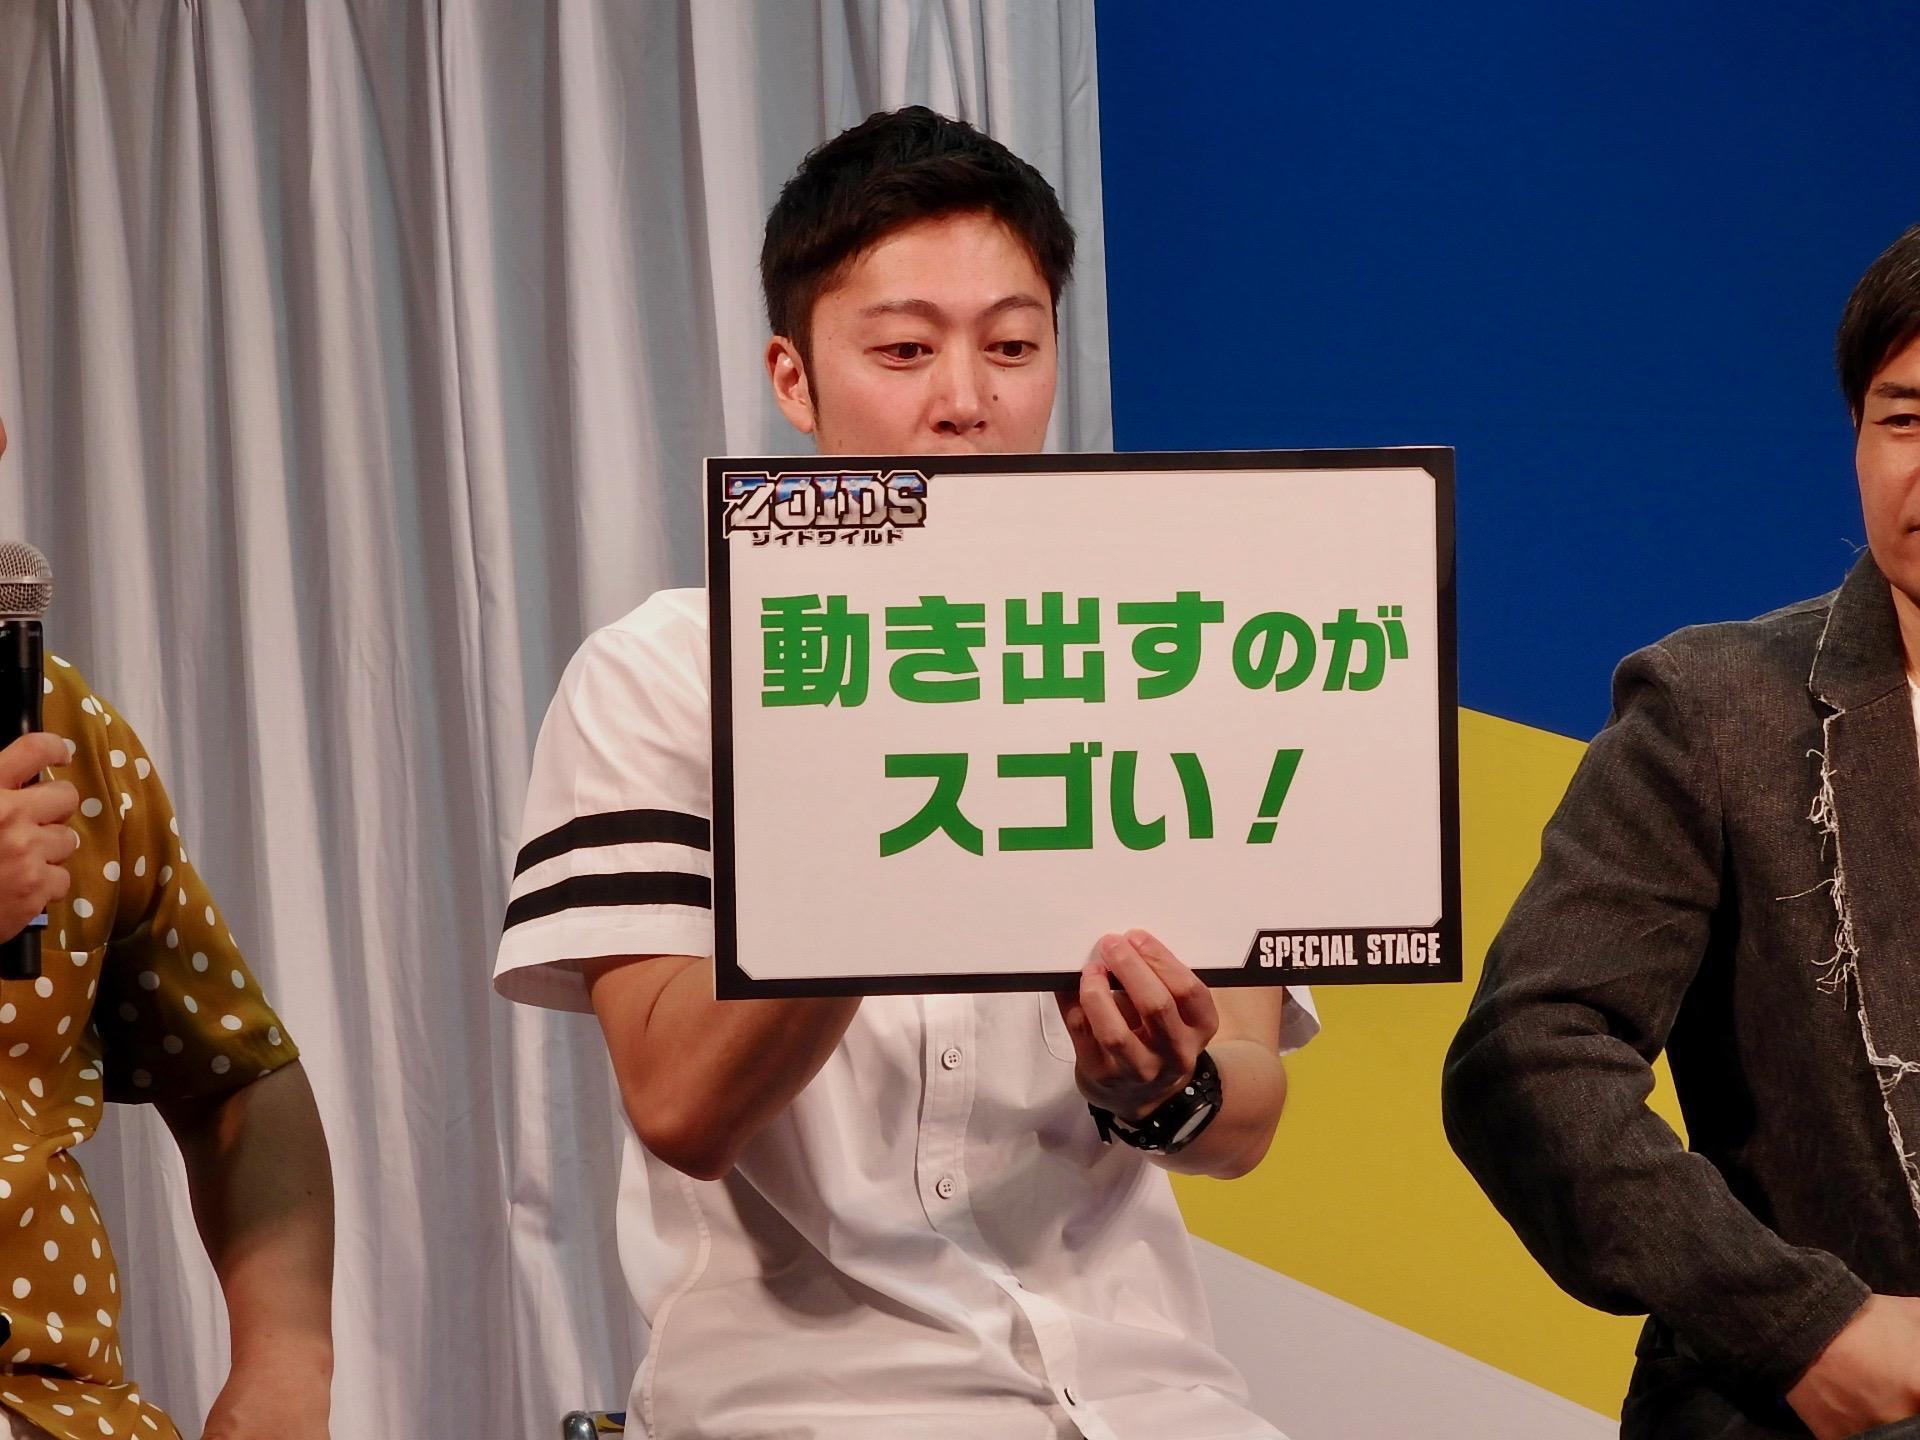 http://news.yoshimoto.co.jp/20180608120338-eec36f1a7324f297fa5b0e318959fab2e403aa69.jpg